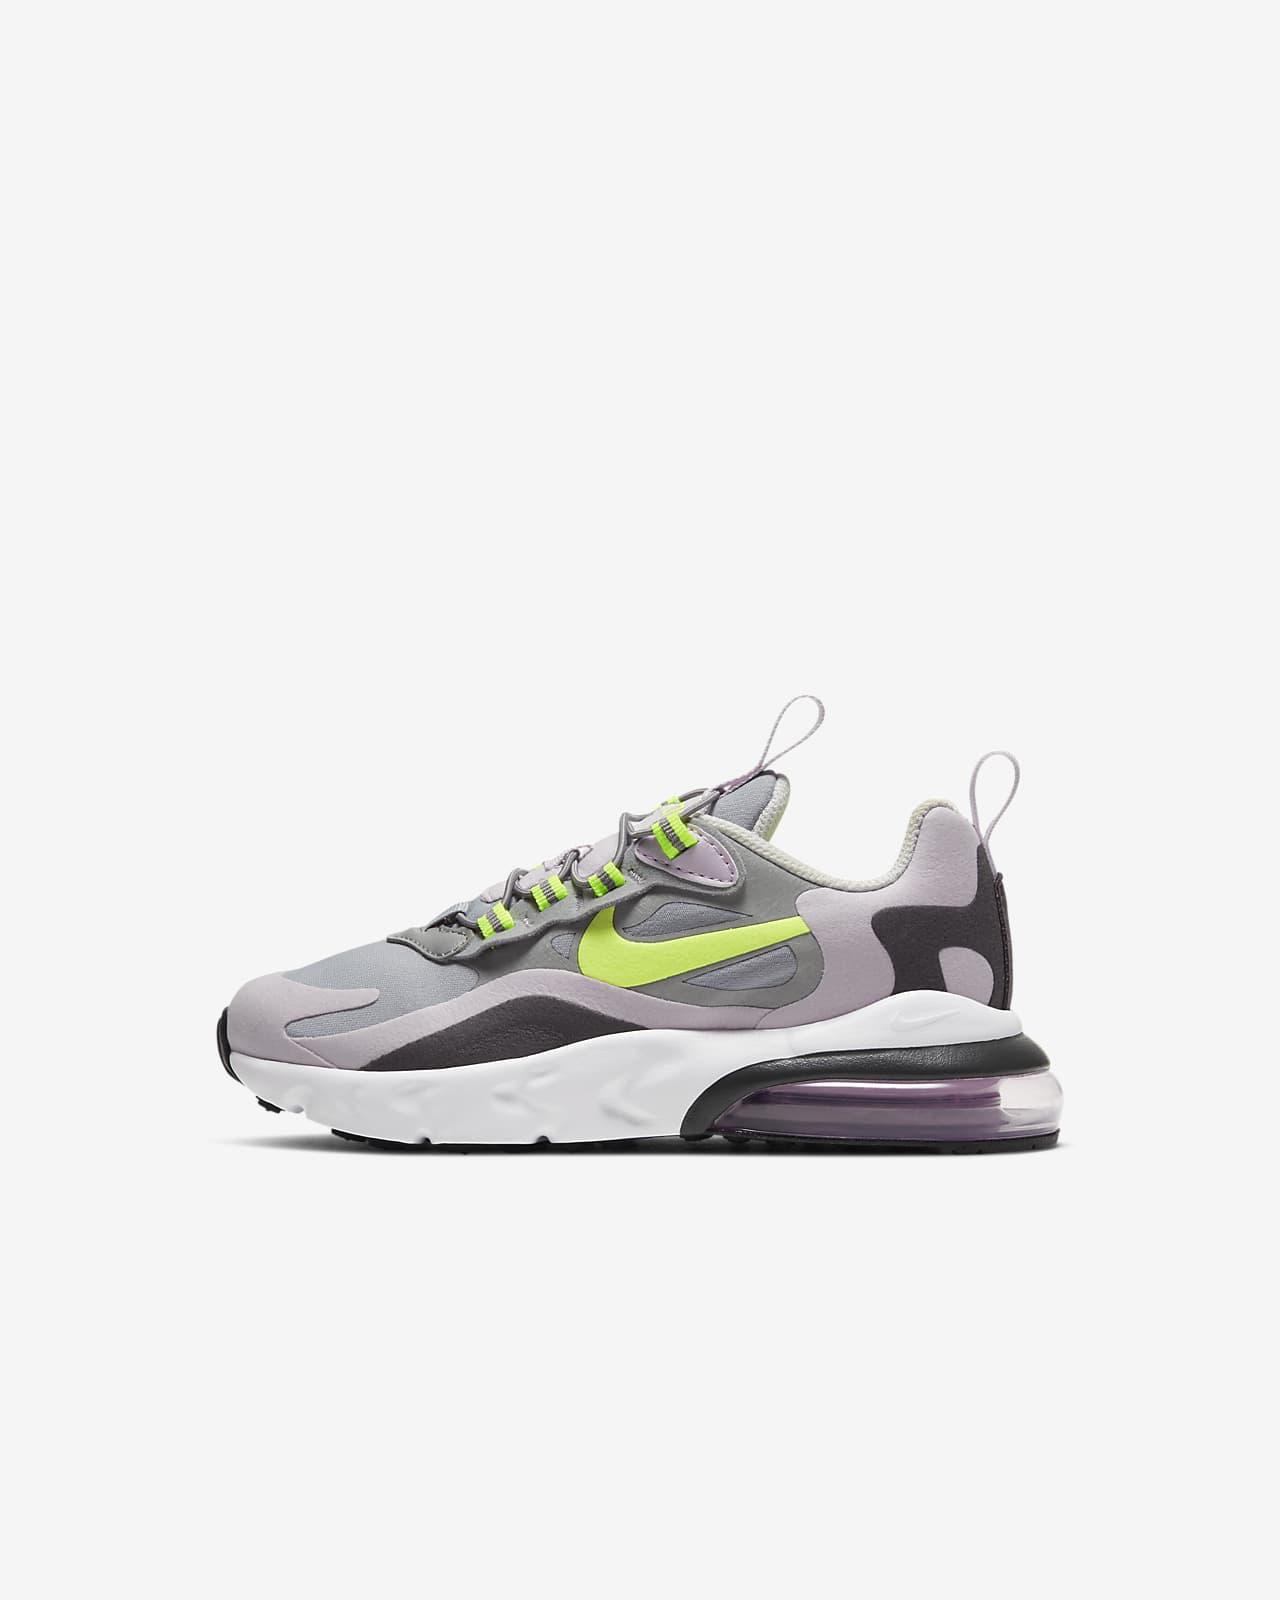 Sko Nike Air Max 270 RT för barn